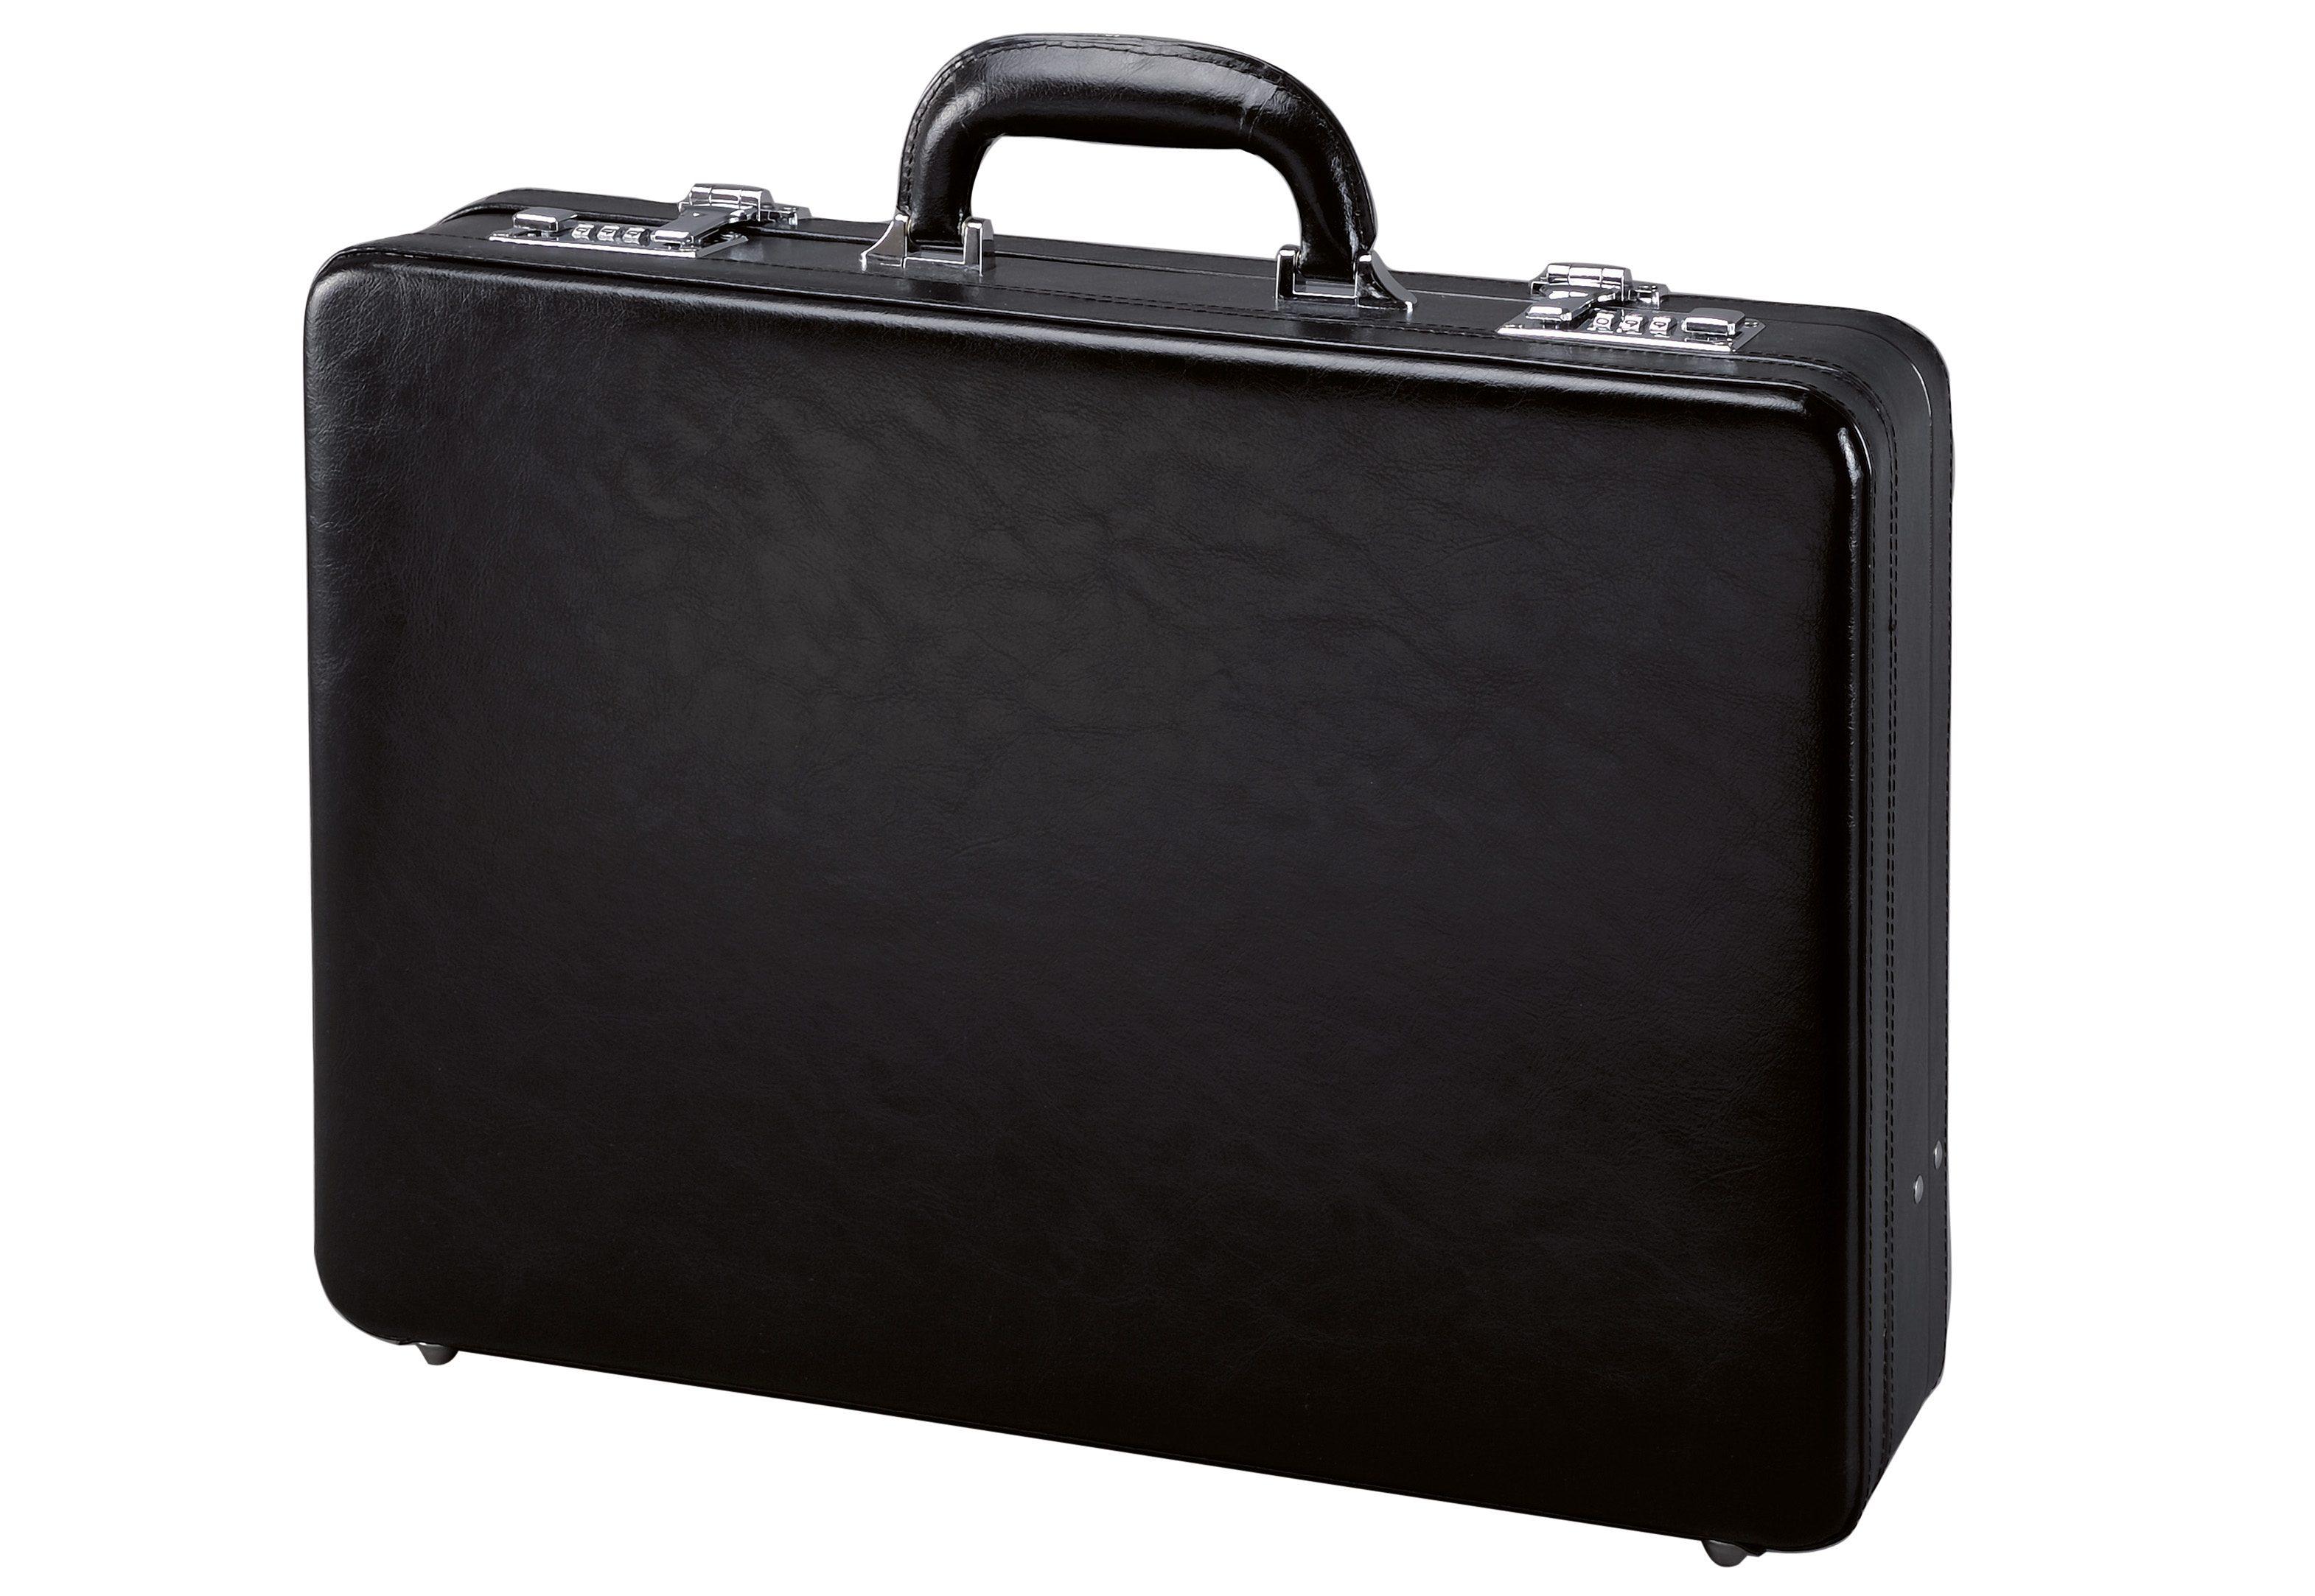 Alassio Business-Koffer Taormina, Attachékoffer, aus Leder günstig online kaufen